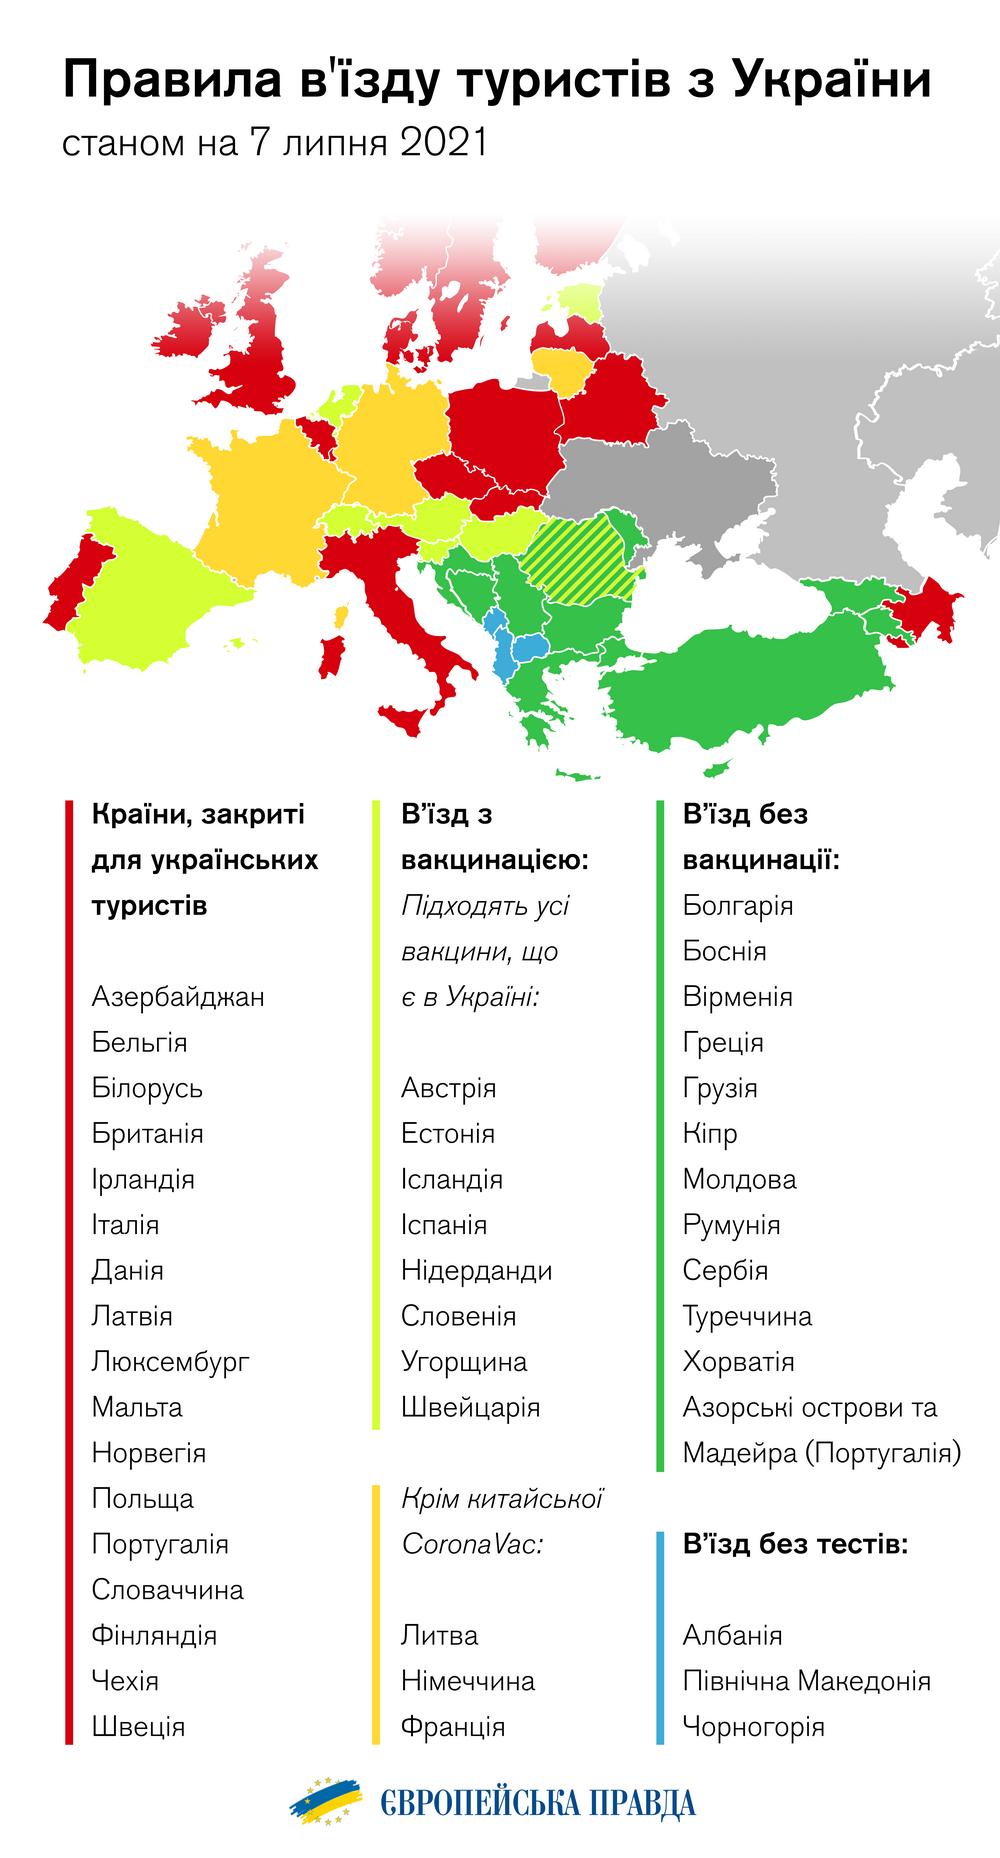 Куда в Европу могут путешествовать украинские туристы